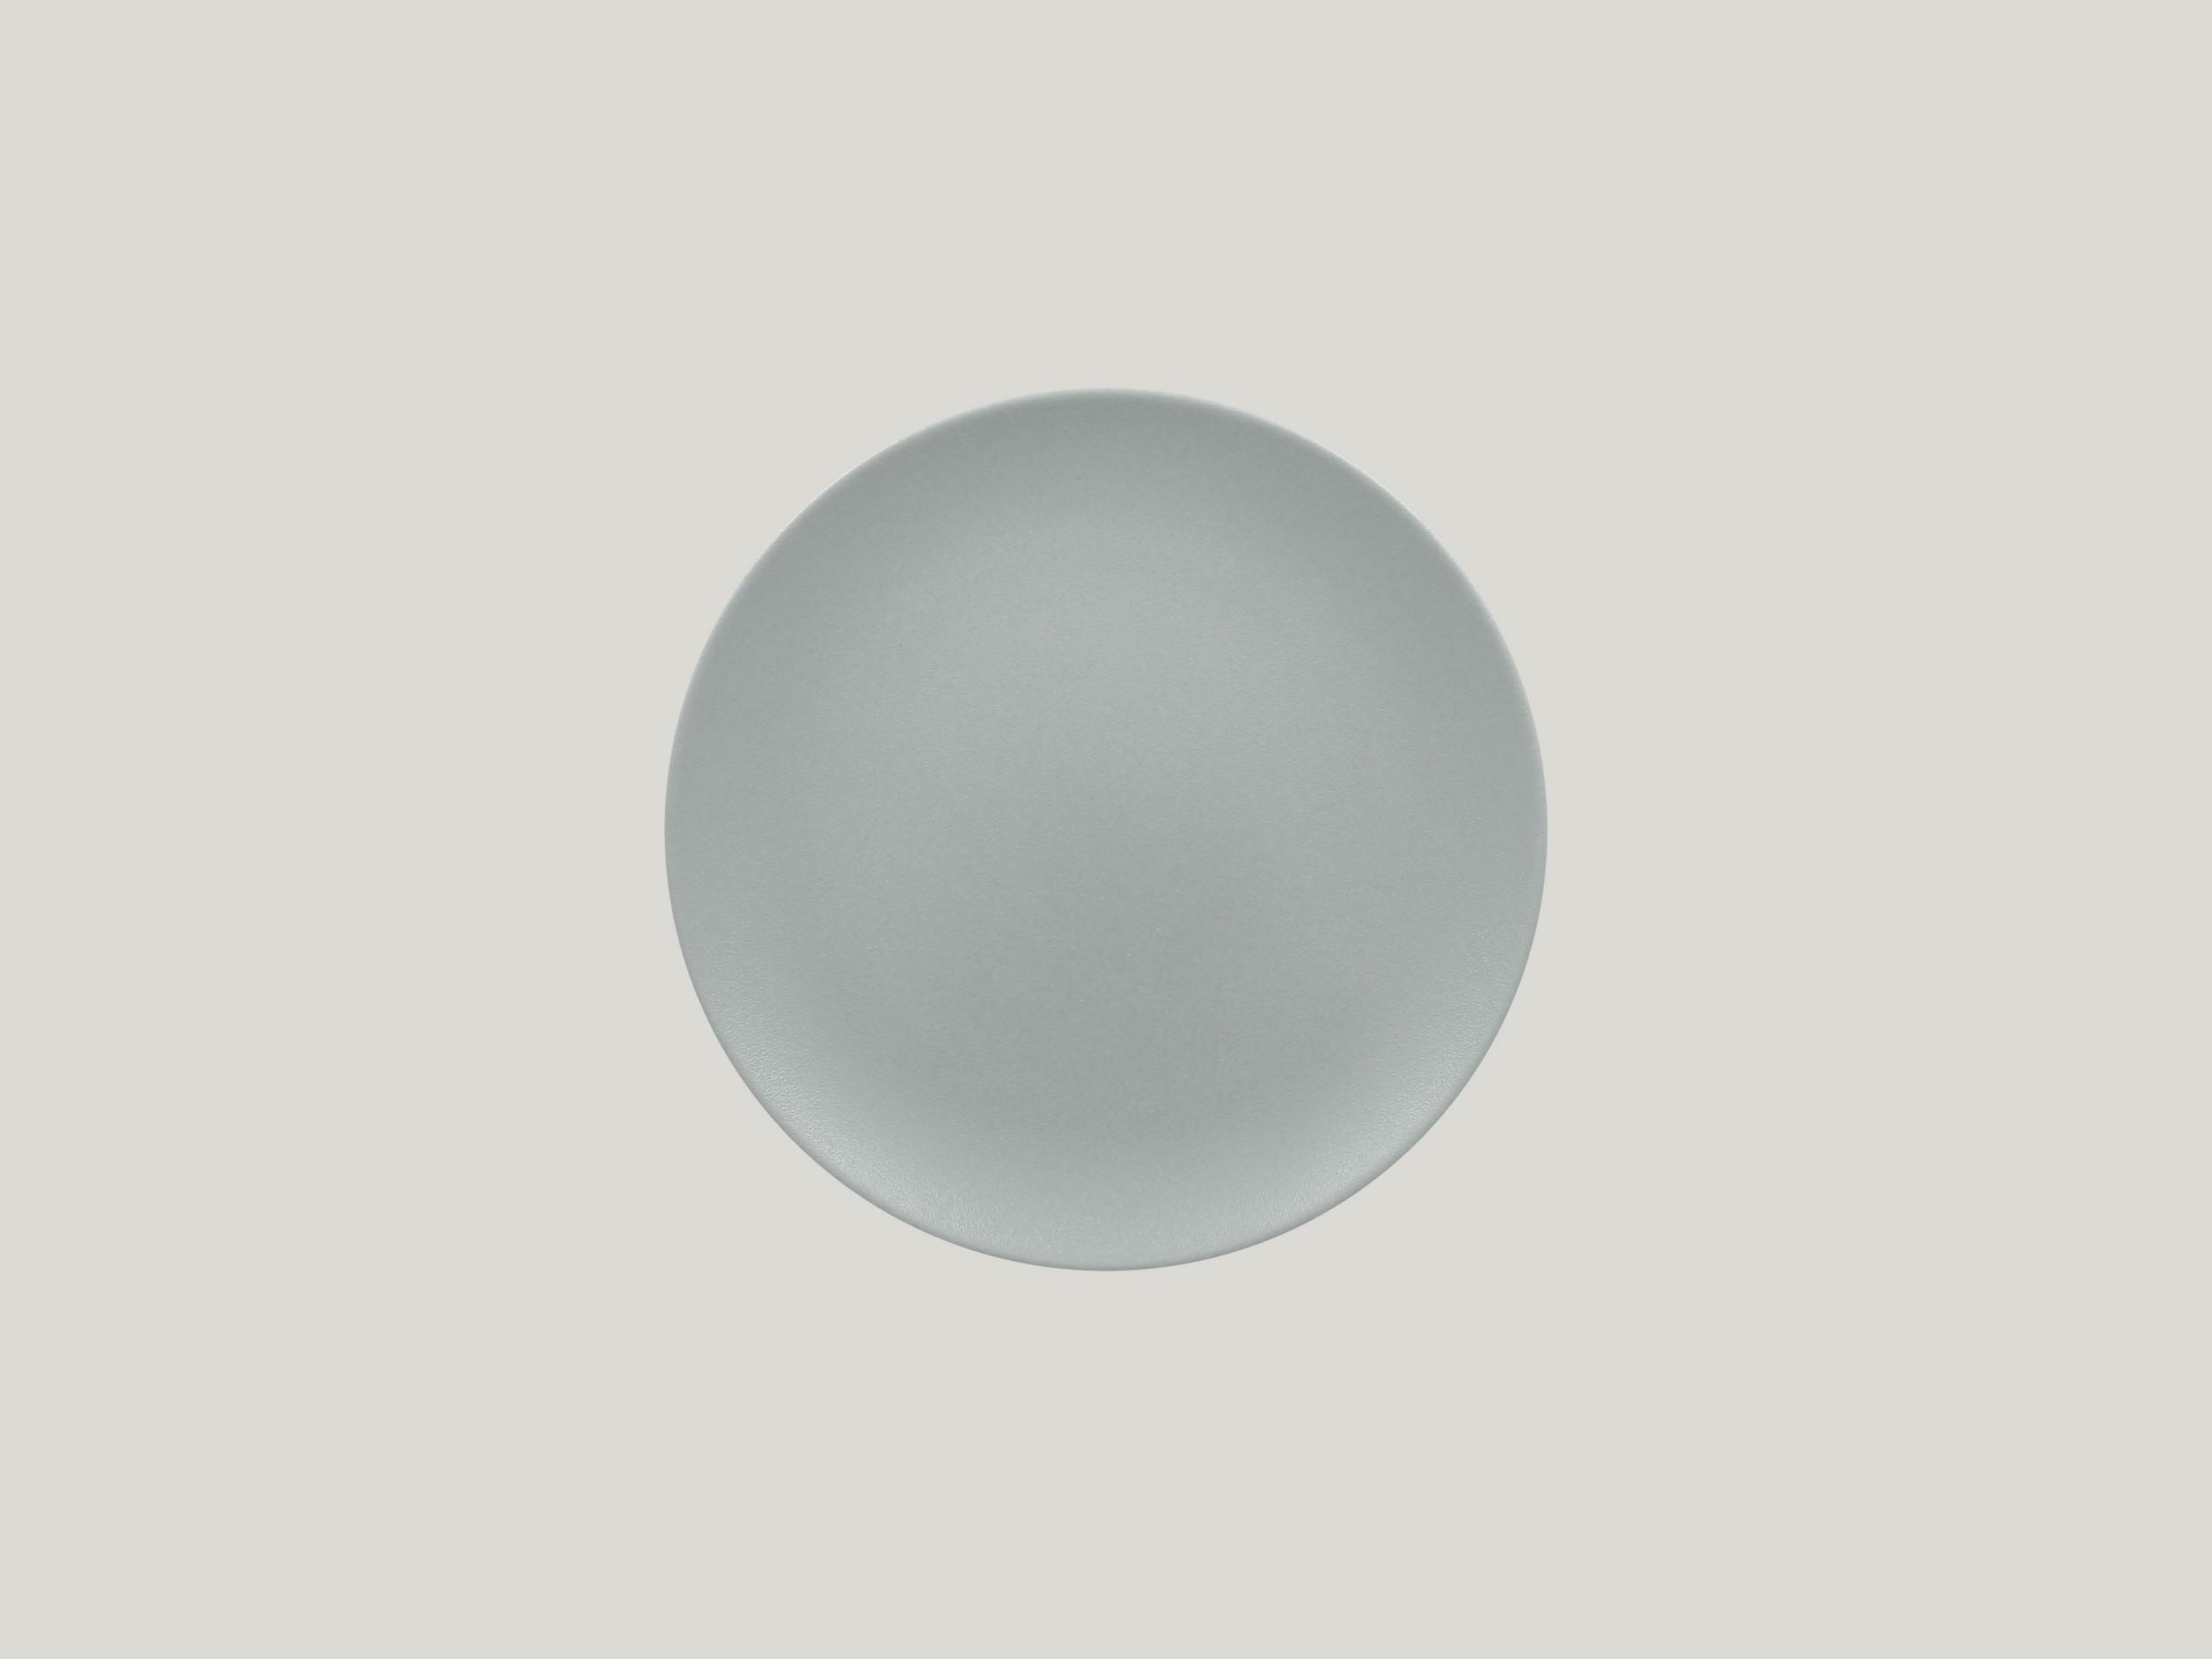 Talíř mělký 21 cm - šedá